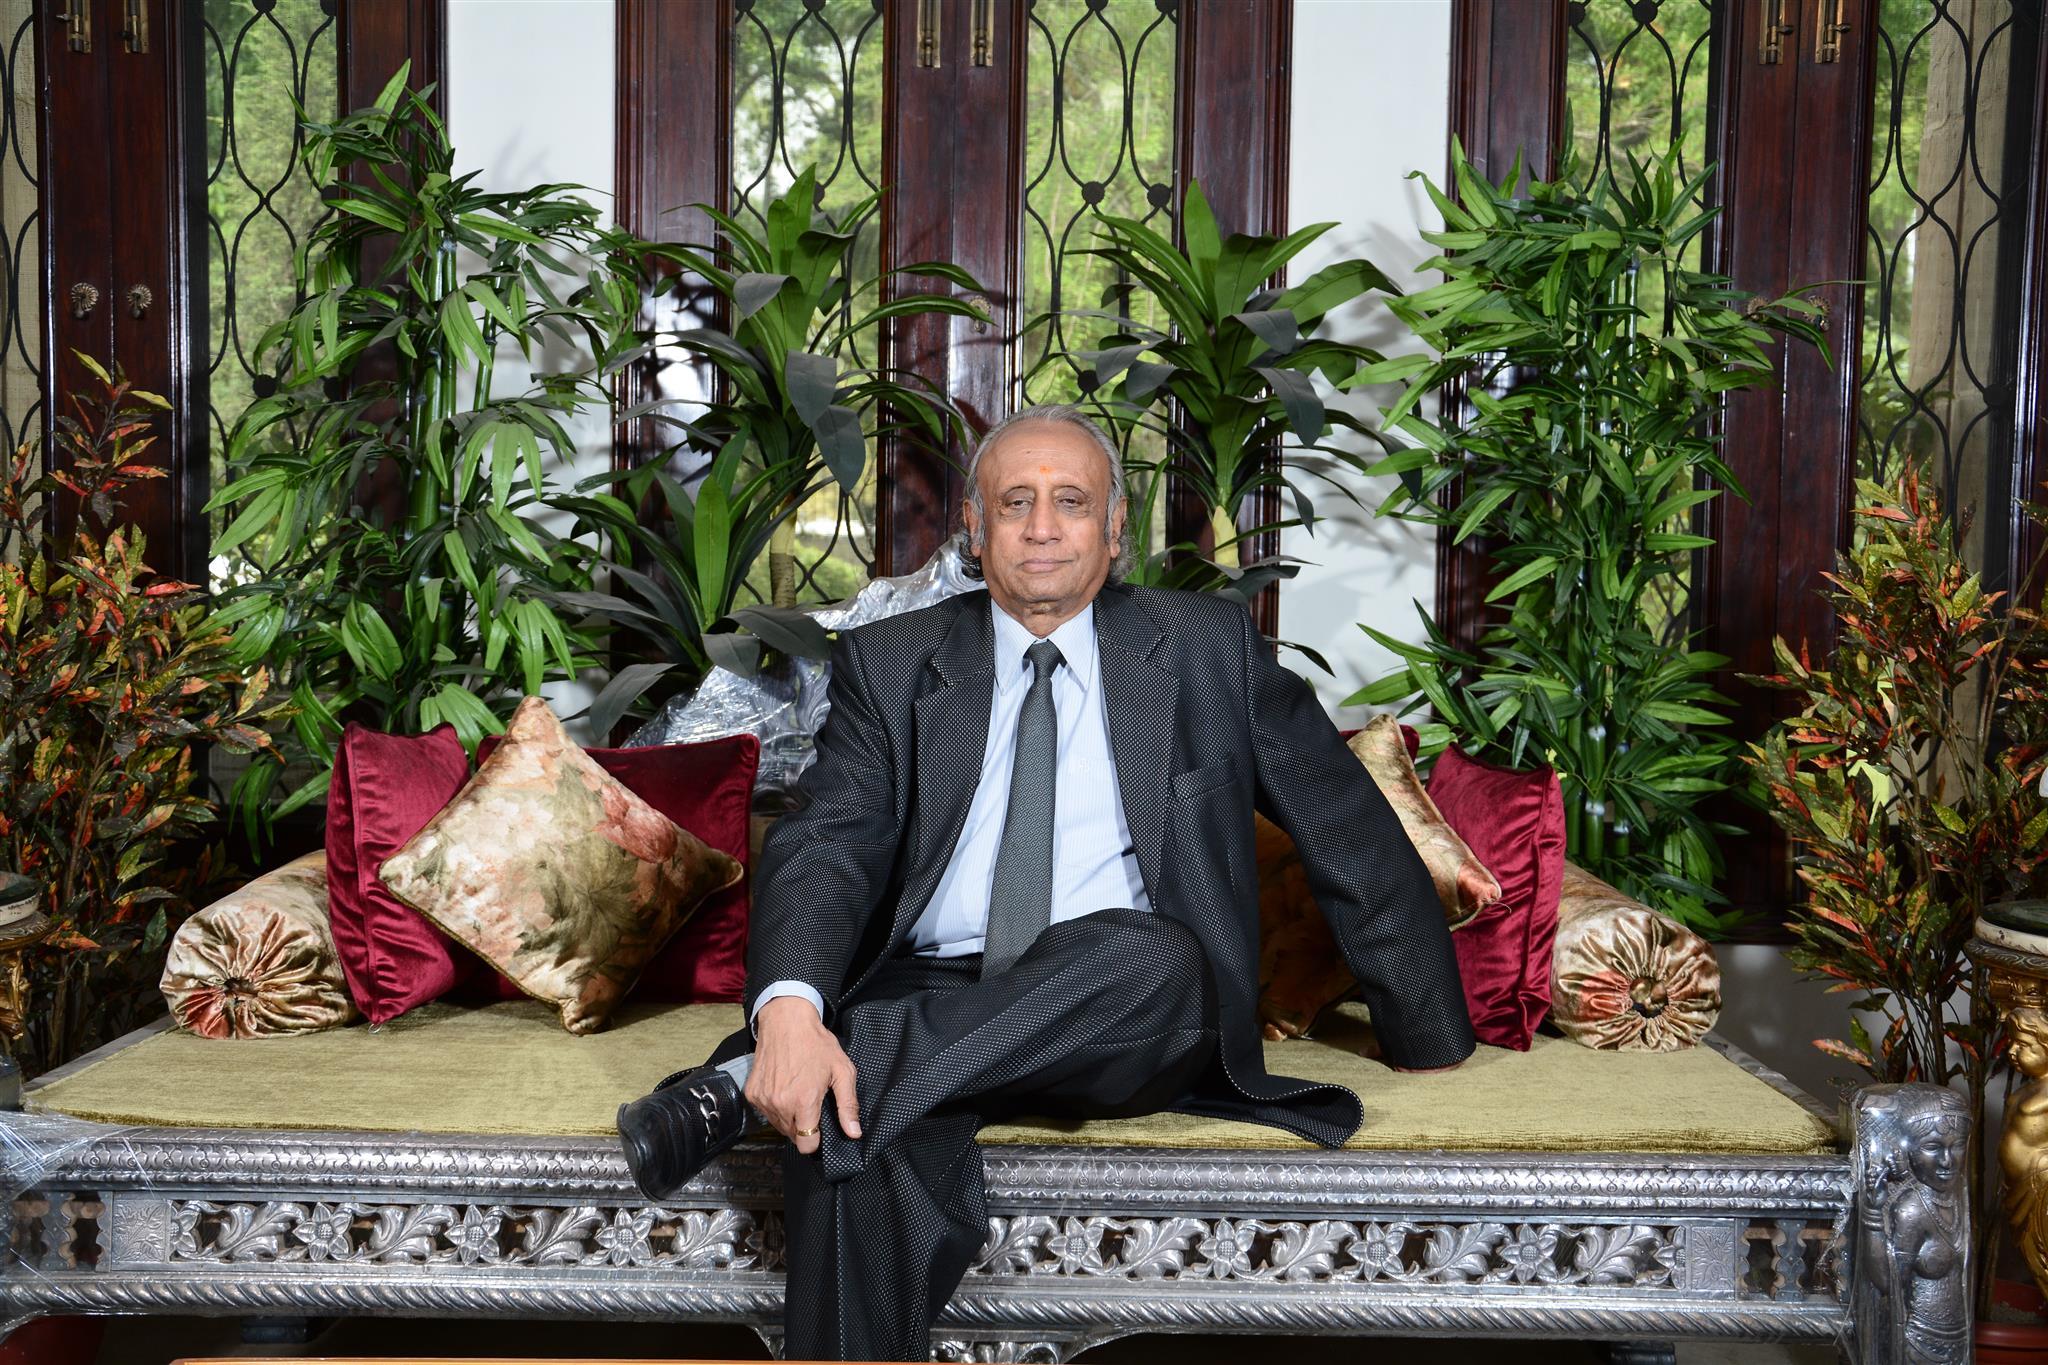 Sanjay Dalmia Success Story of a Tycoon